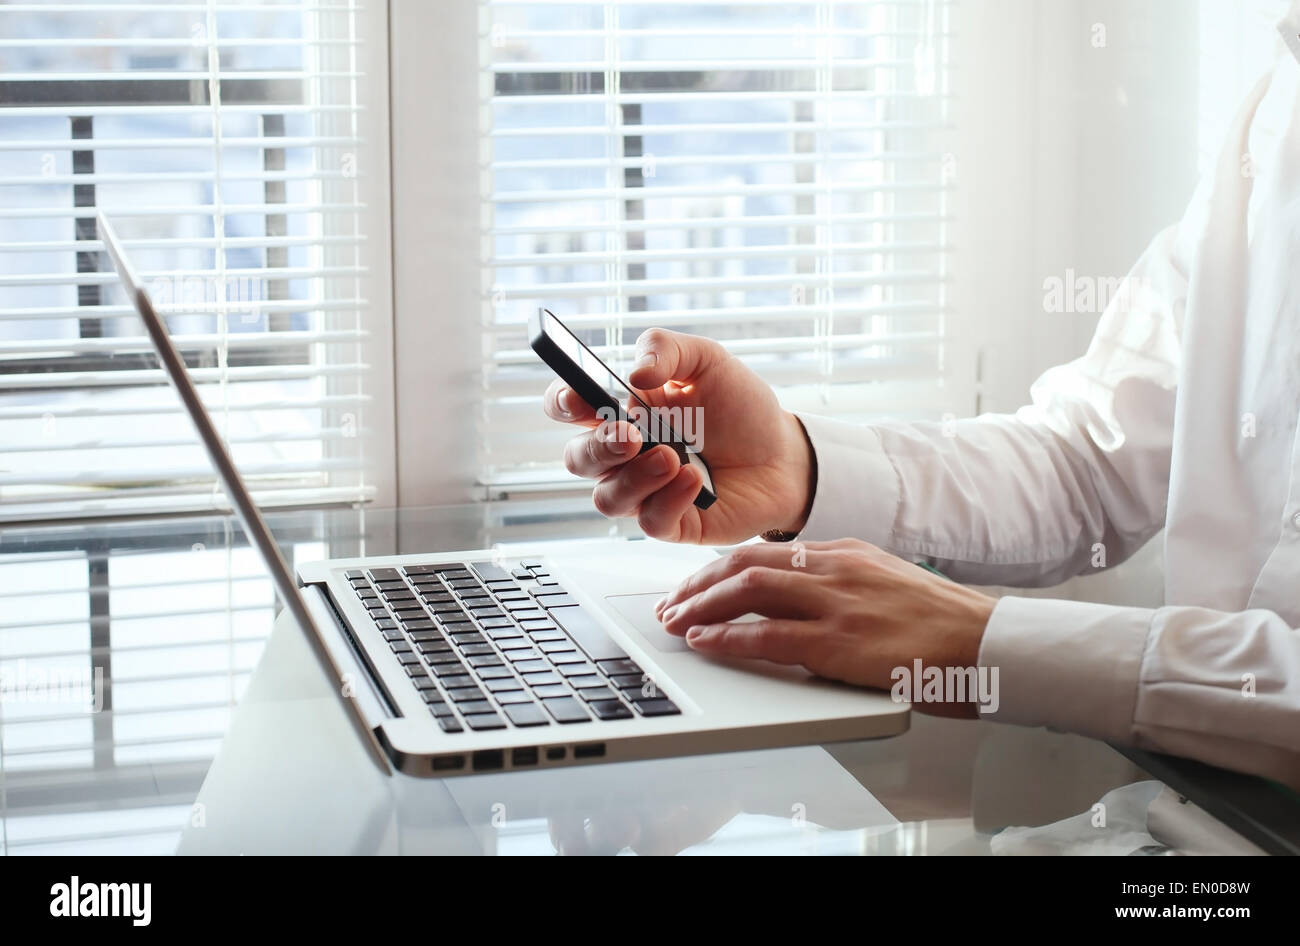 Business man utilizzando smart phone in ufficio Immagini Stock